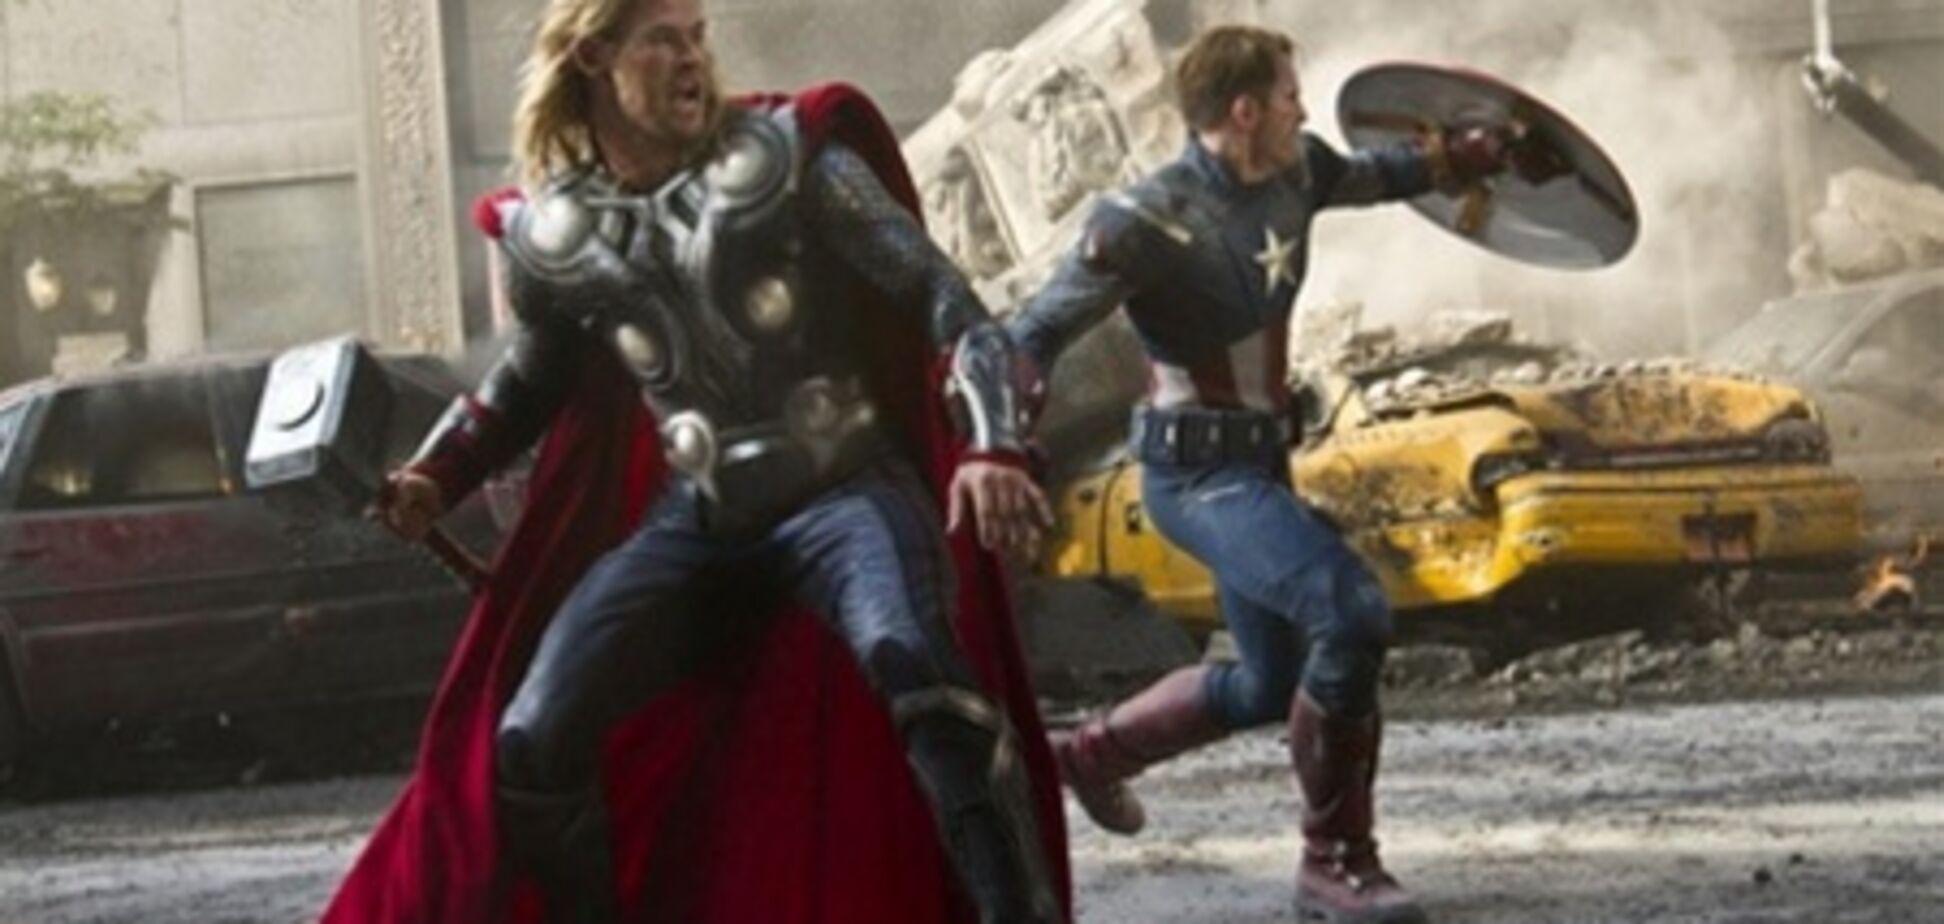 Новым фильмам о Торе и Капитане Америке дали названия